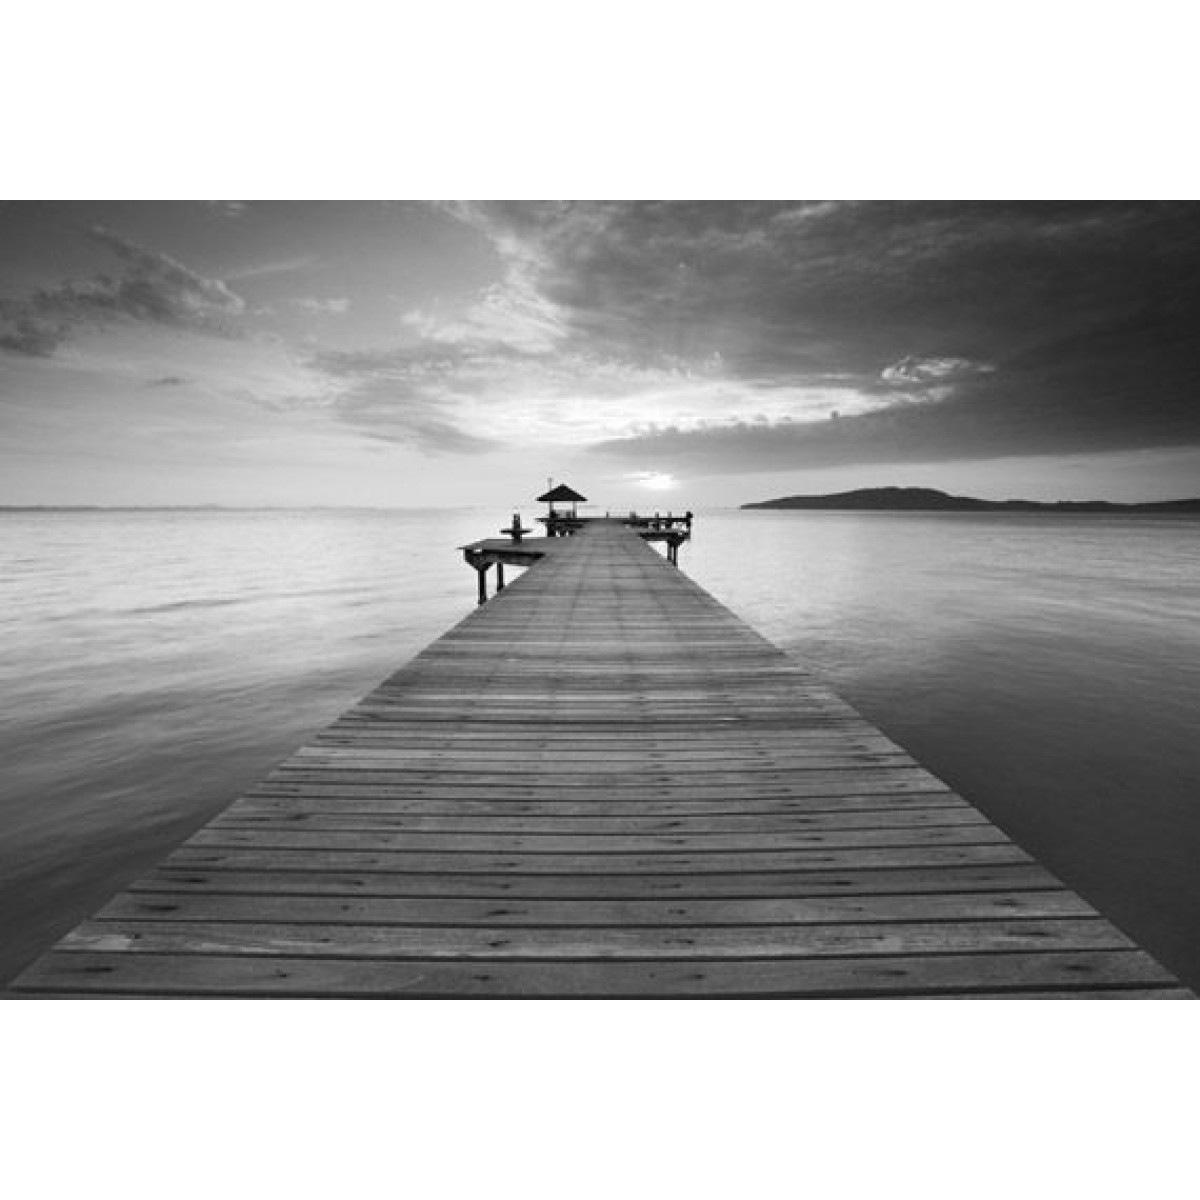 1543396706-wohnzimmer-bild-prexiglass-pier-blackwhite.jpg